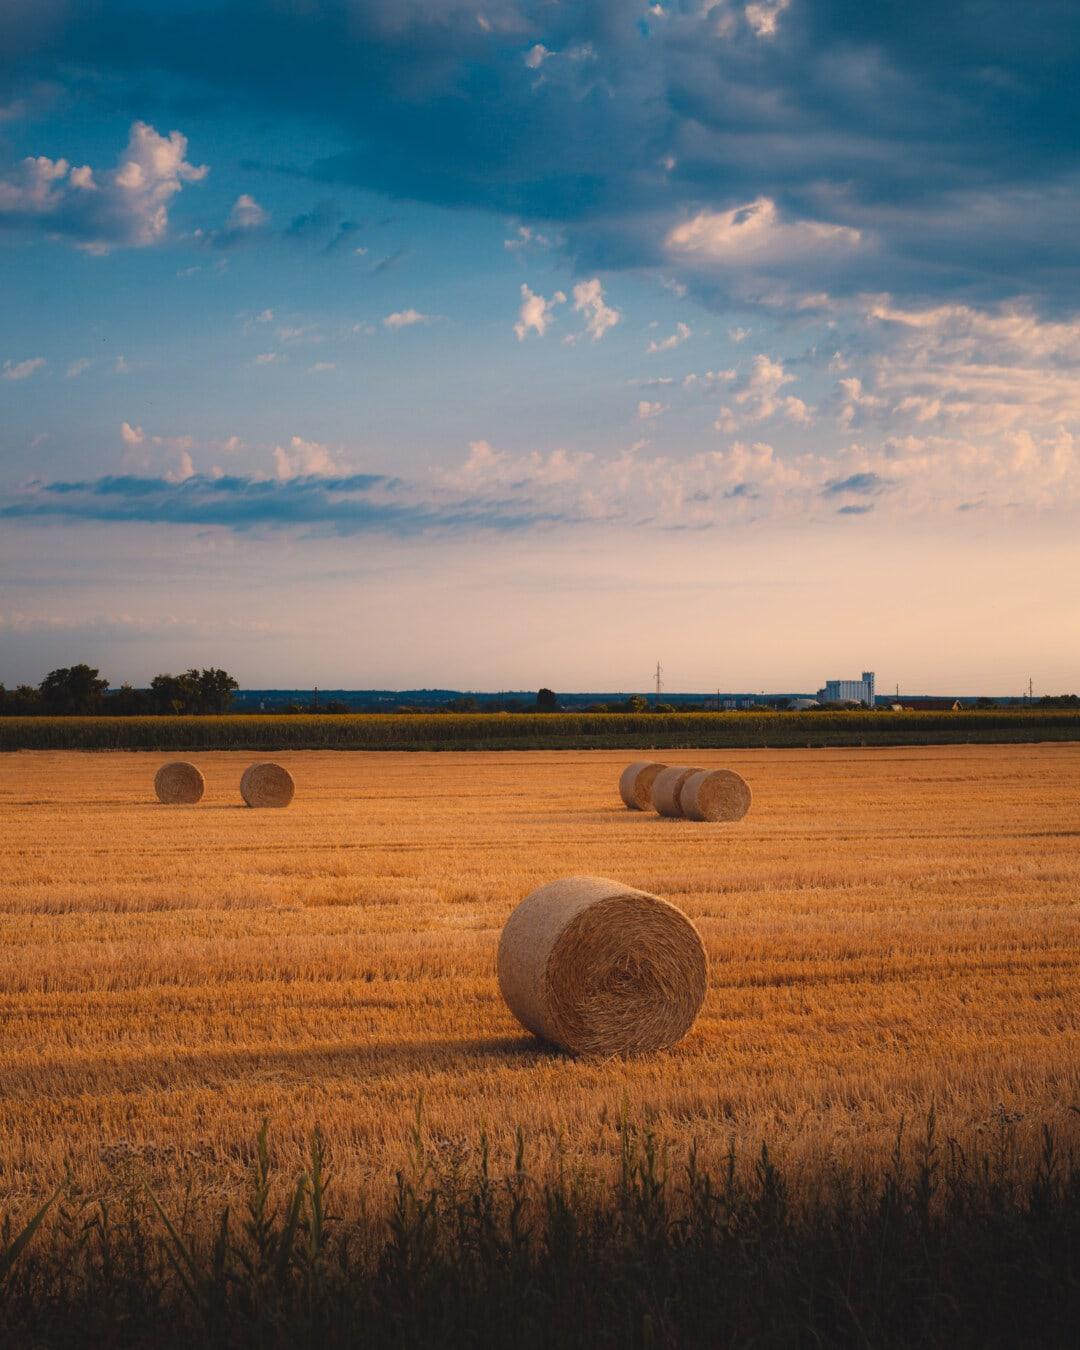 carul cu fân, fân, fân, amurg, grâu, peisaj, hrana pentru animale, agricultura, apus de soare, paie